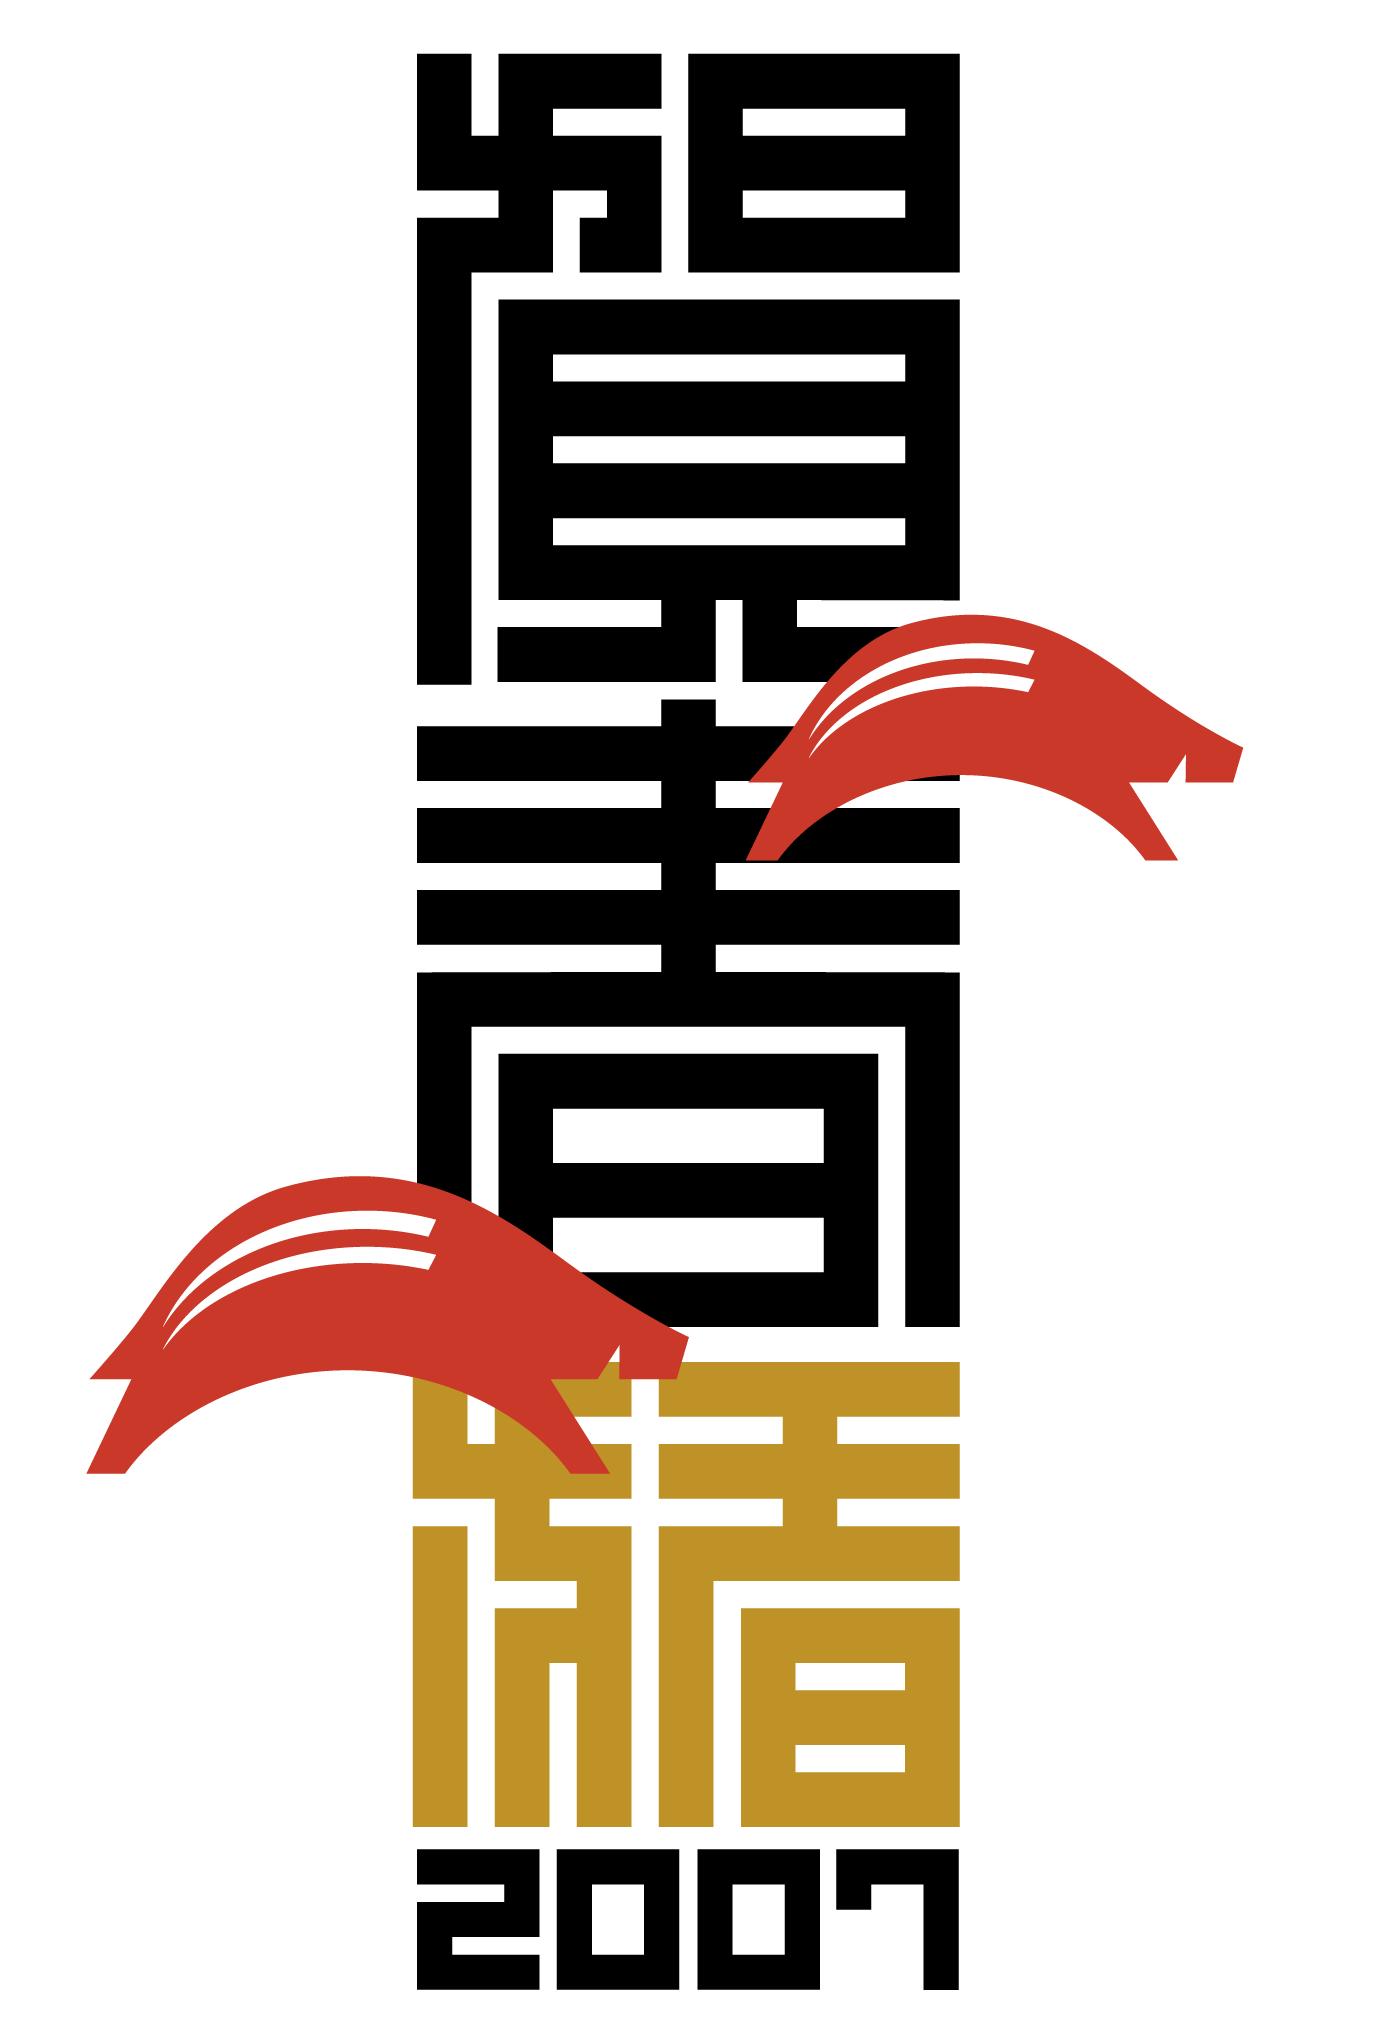 2007年賀状12:江戸角字(猪)帯のダウンロード画像